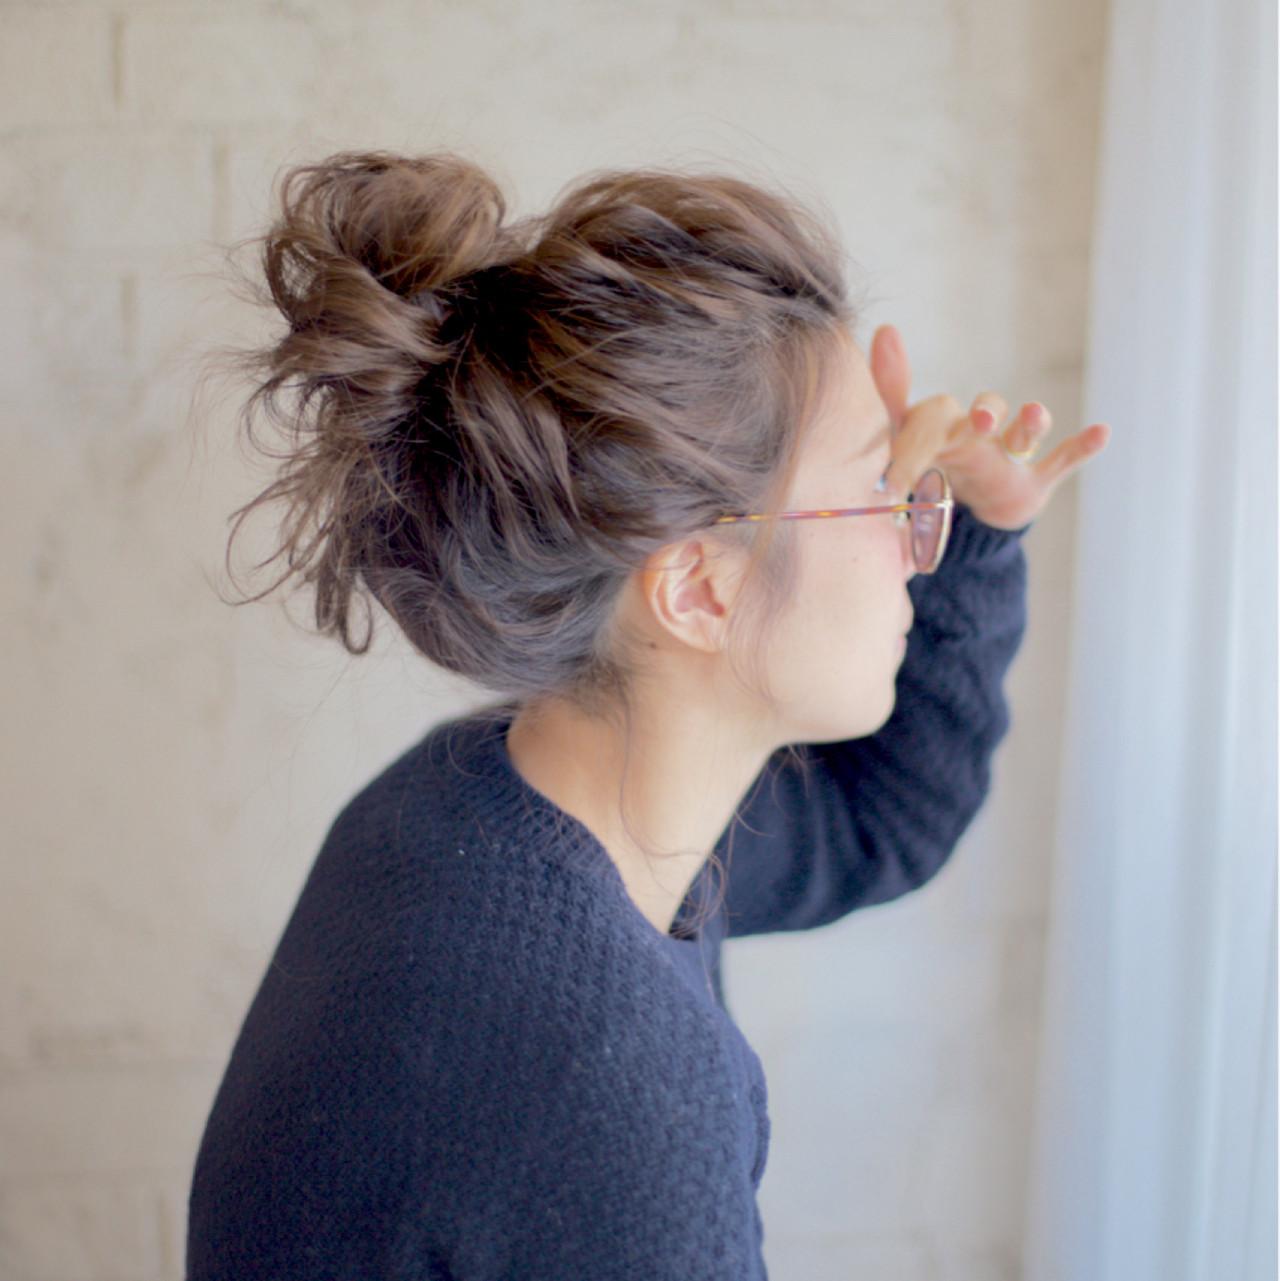 セミロング お団子 ヘアアレンジ メッシーバンヘアスタイルや髪型の写真・画像